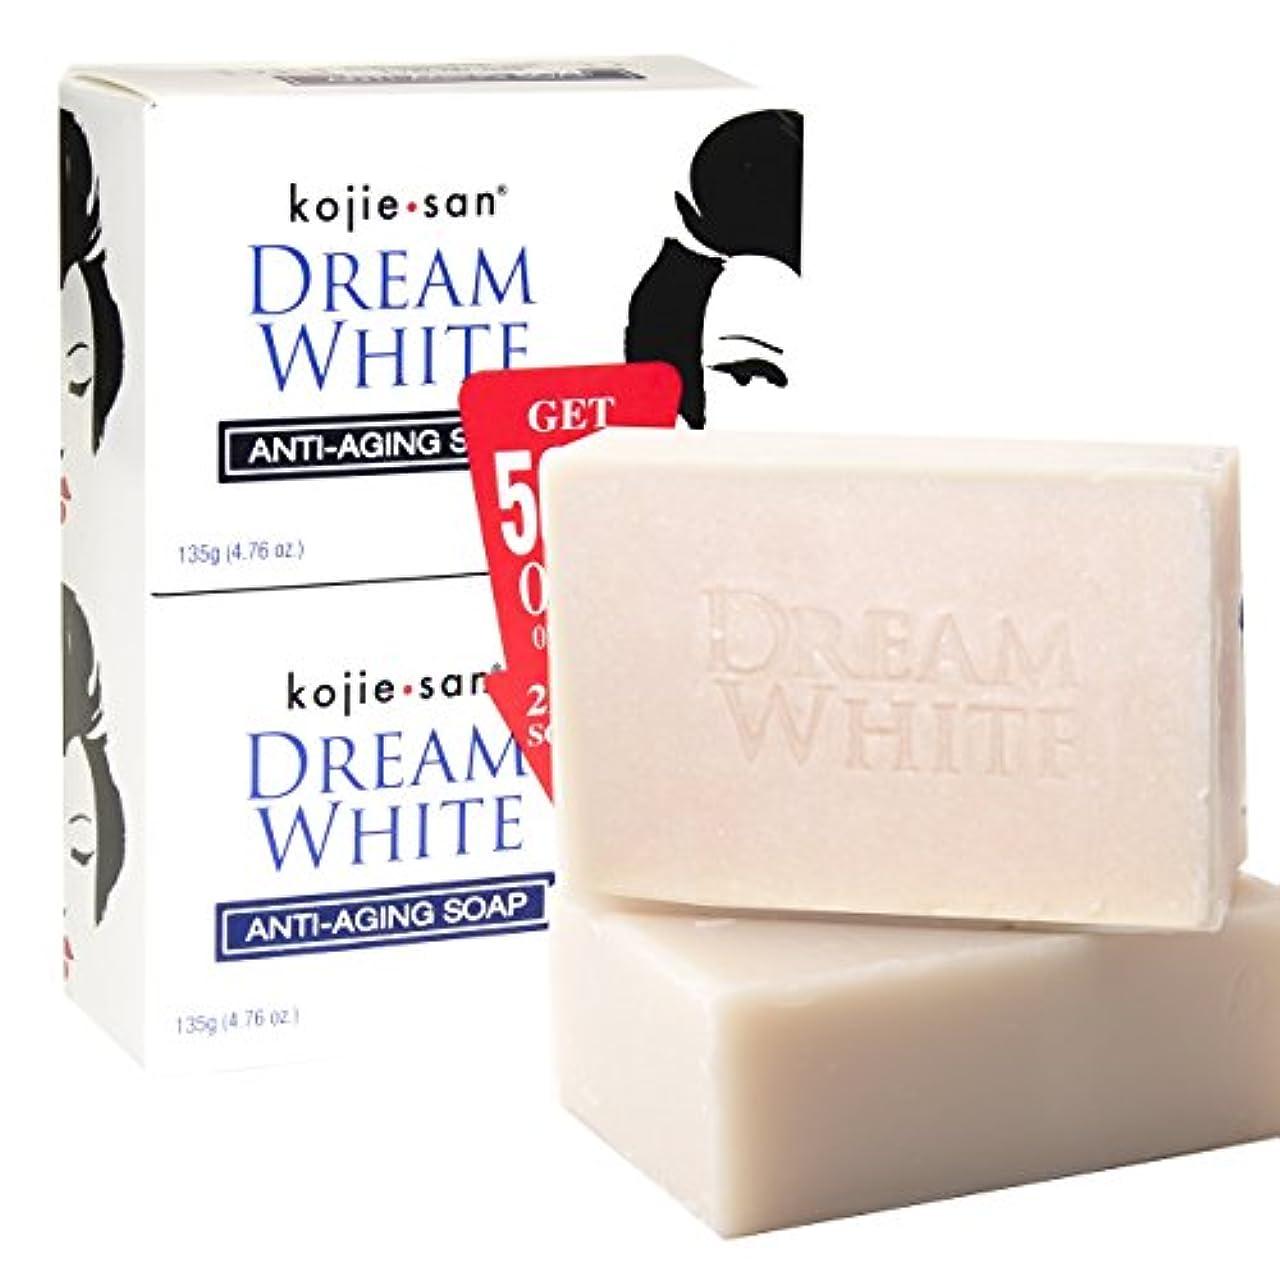 アッティカスおおじさんkojie san DREAM WHITE Soap 135g × 2個 ホワイトニングソープ